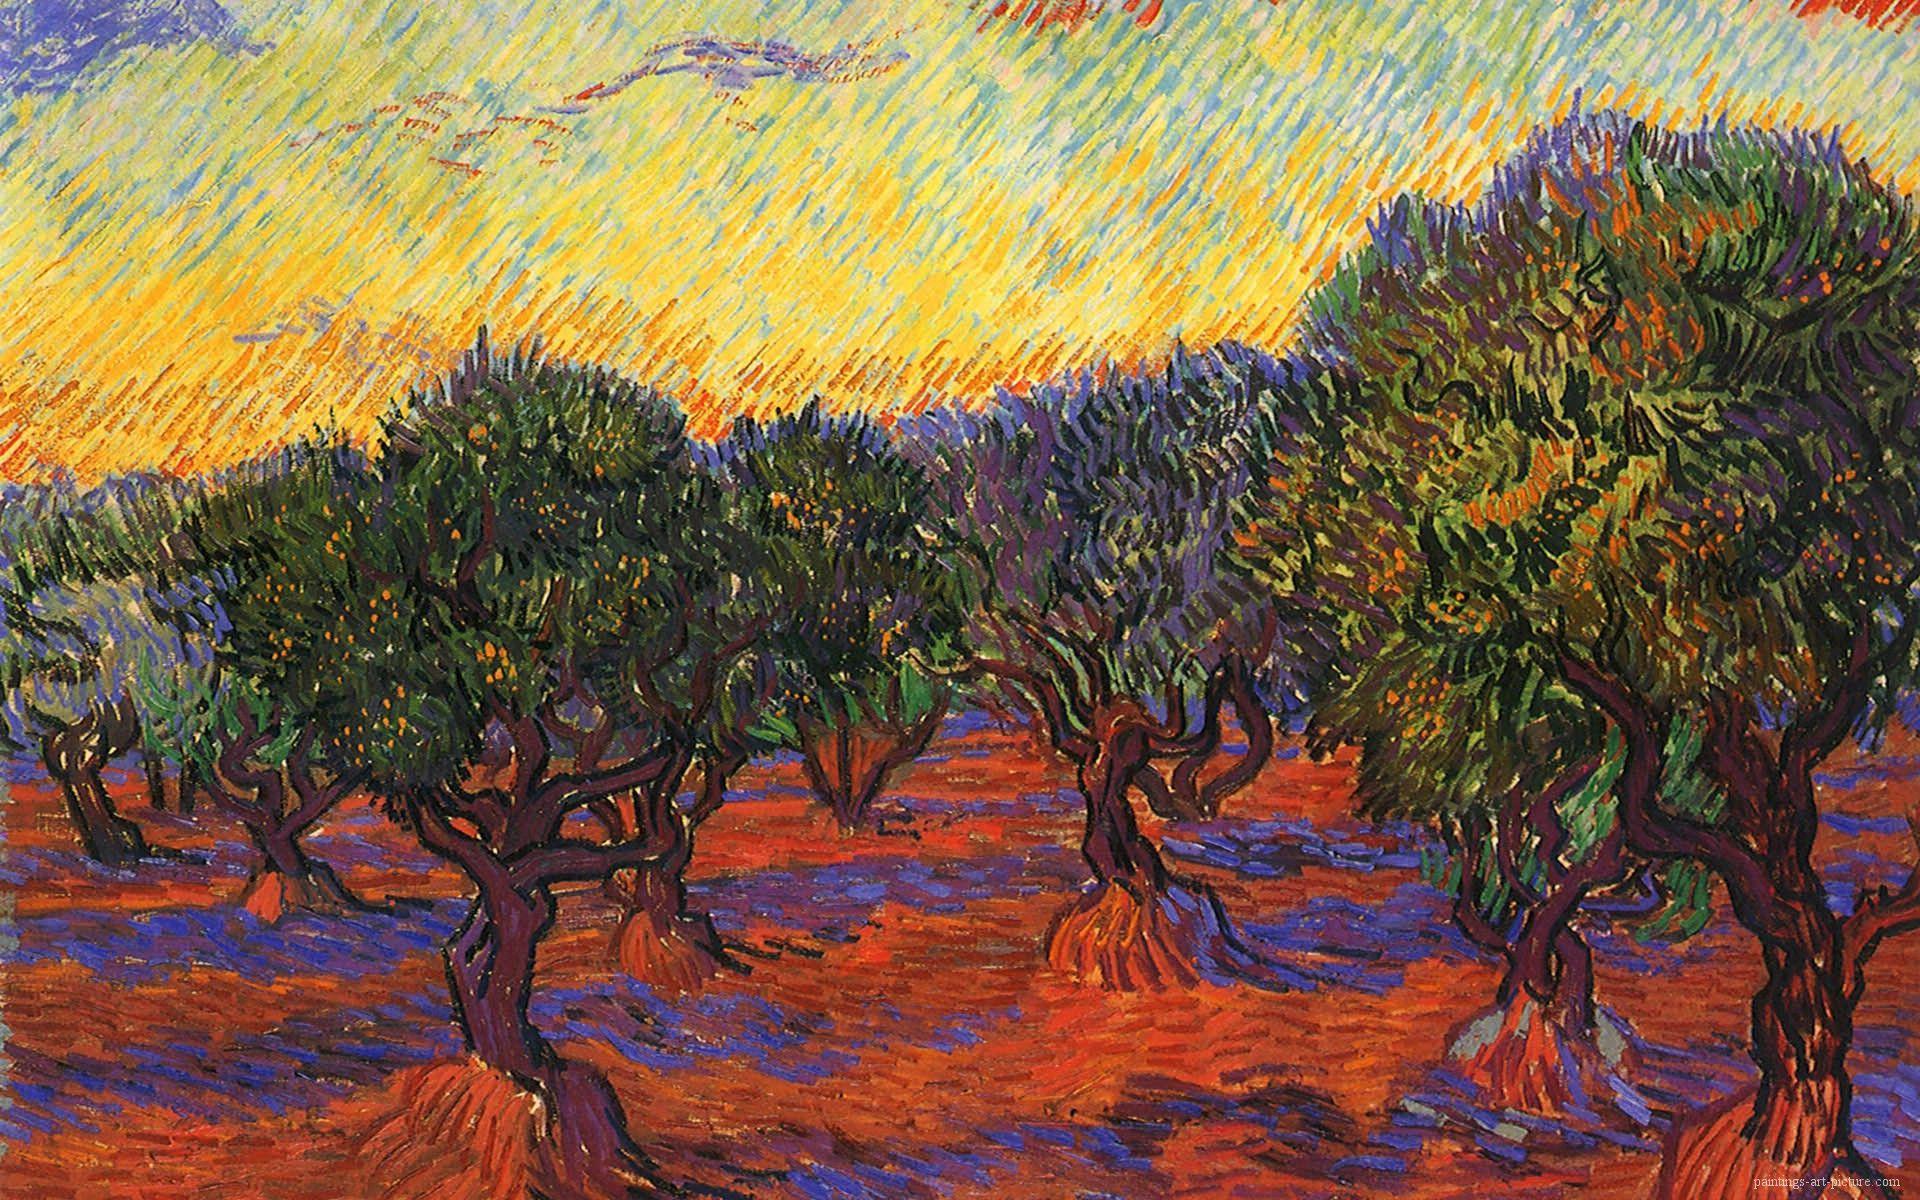 1920x1200 Van Gogh Paintings Wallpapers 33 Paintings Art